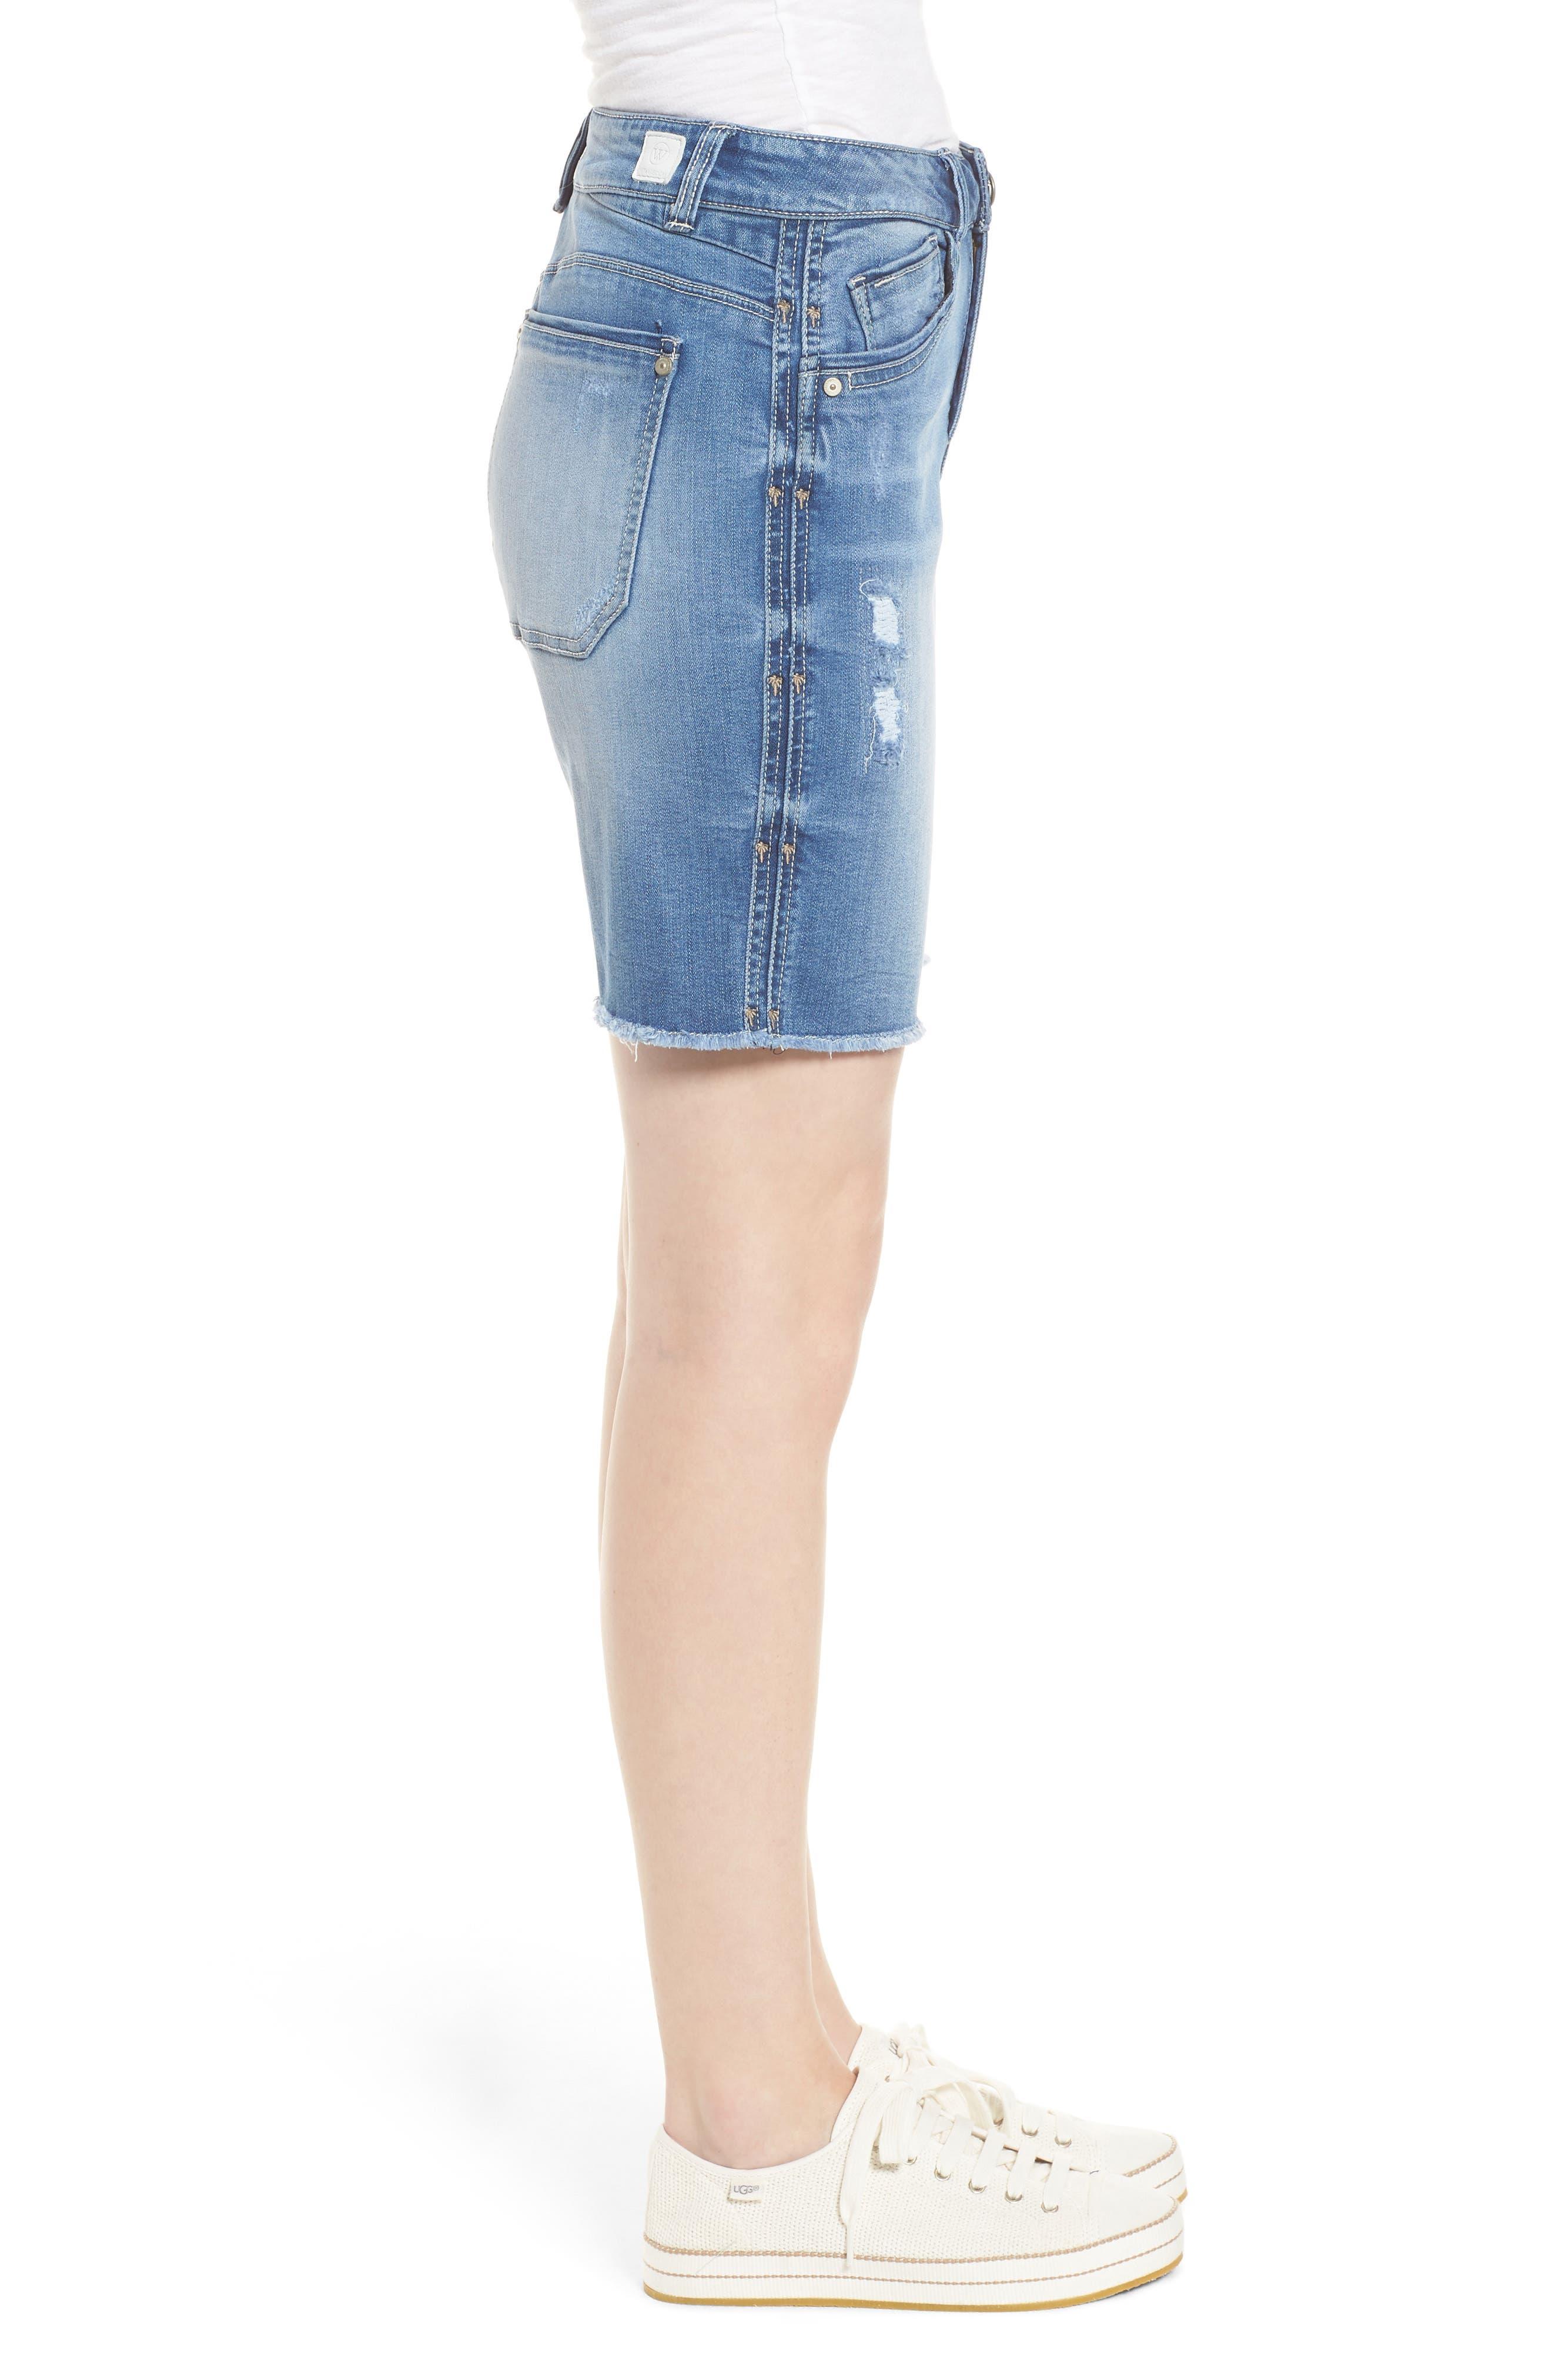 Flex-Ellent High Rise Denim Shorts,                             Alternate thumbnail 3, color,                             458